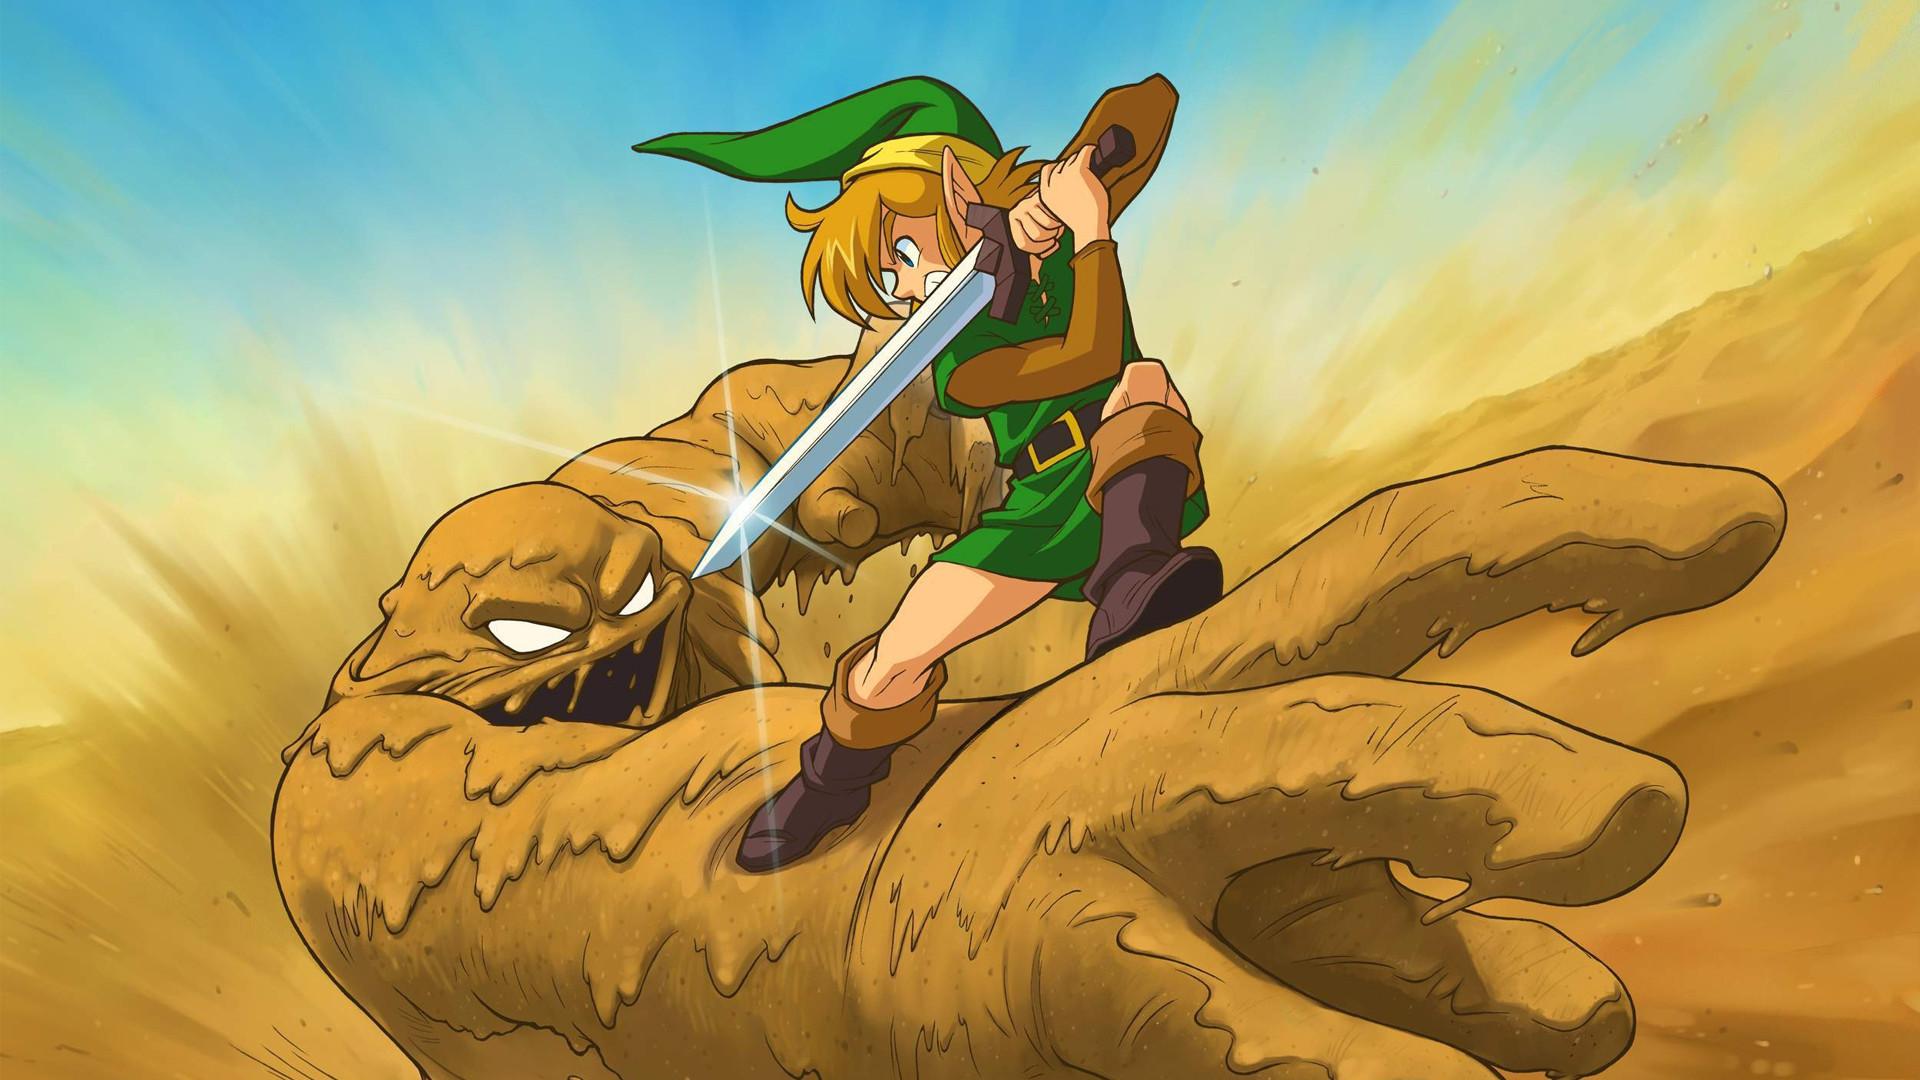 Zelda Wallpapers